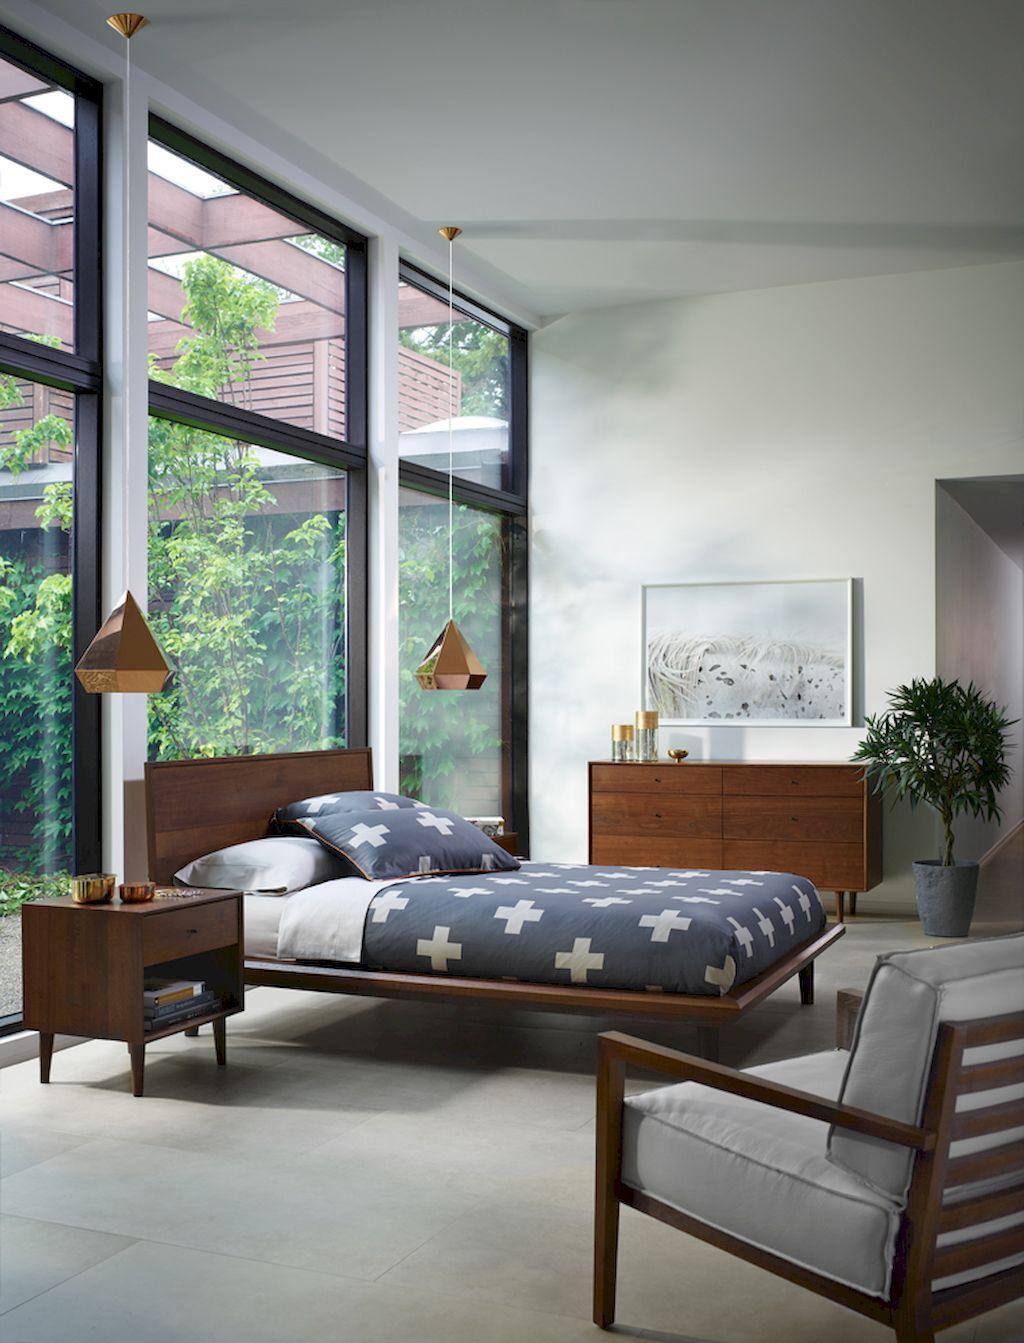 Master bedroom furniture ideas   Beautiful Mid Century Furniture Ideas  Bedrooms Mid century and